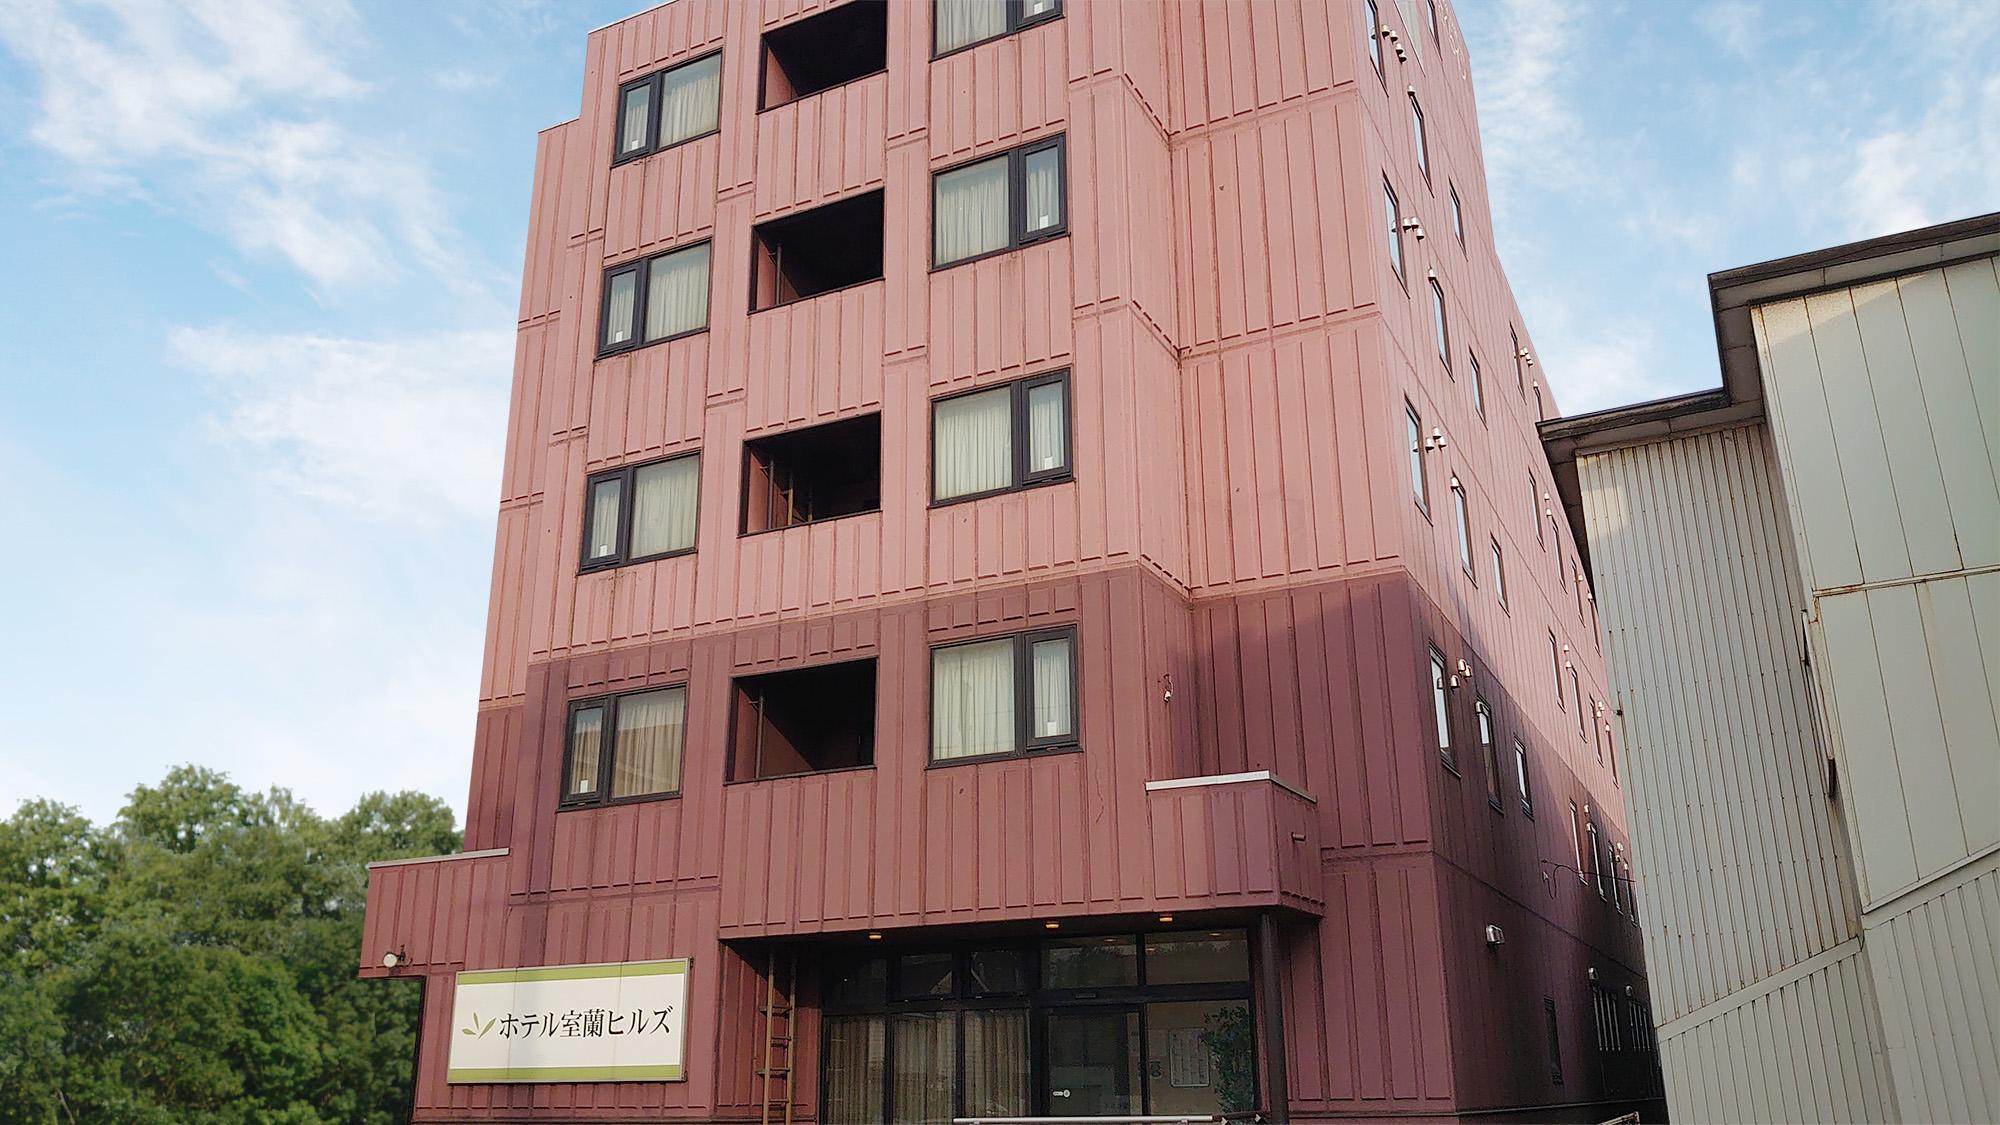 ホテル室蘭ヒルズ(BBHホテルグループ)